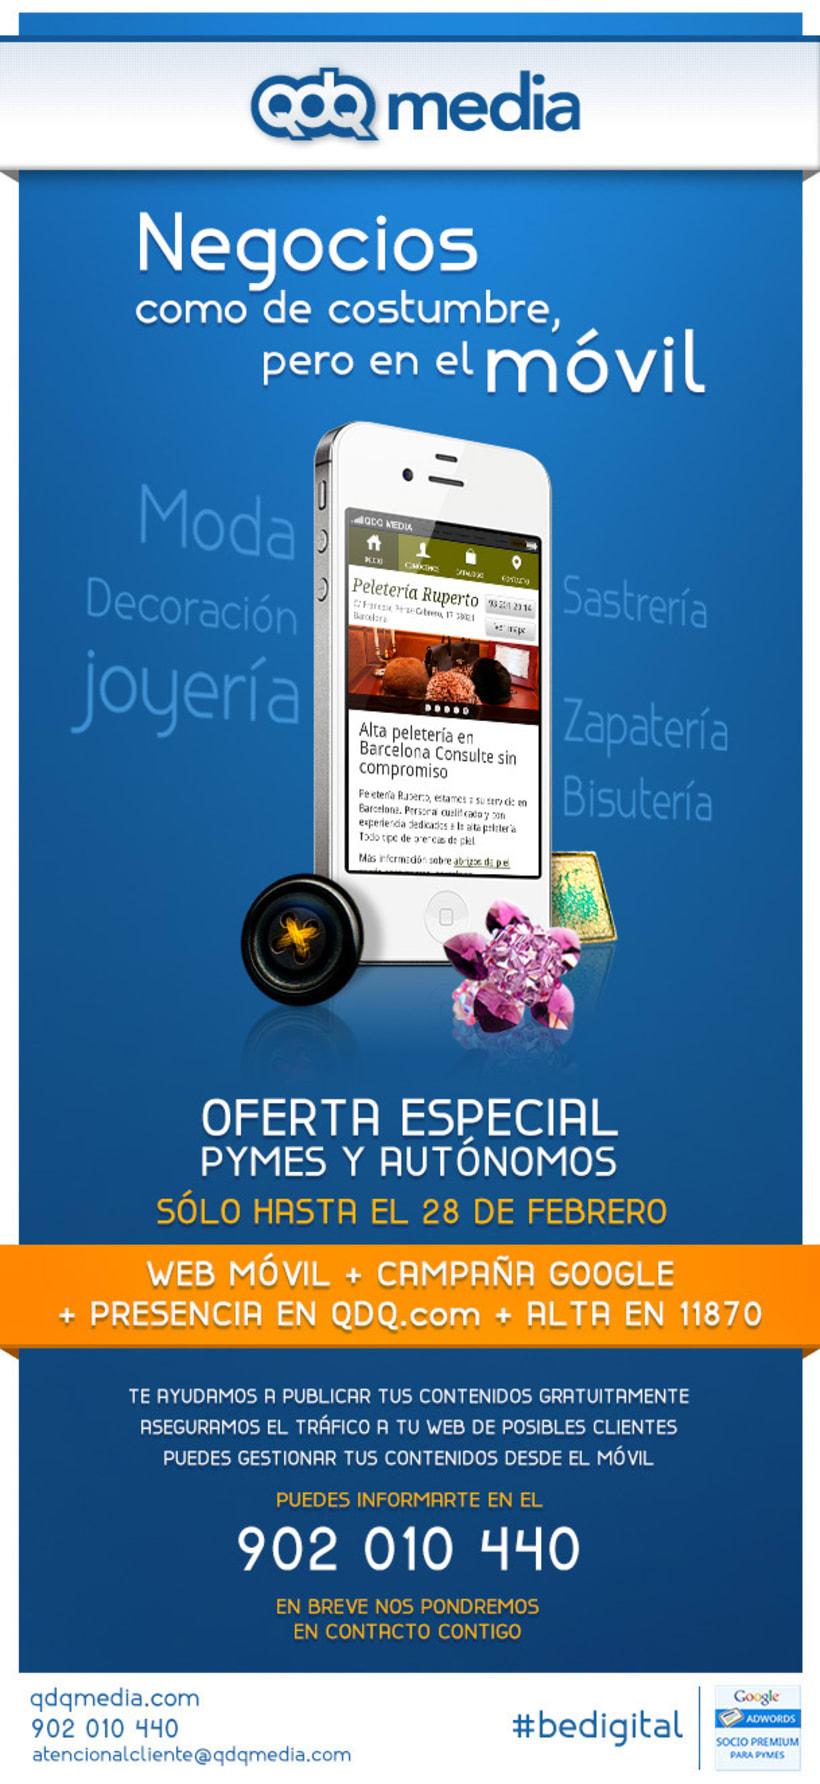 Email QDQ media 5